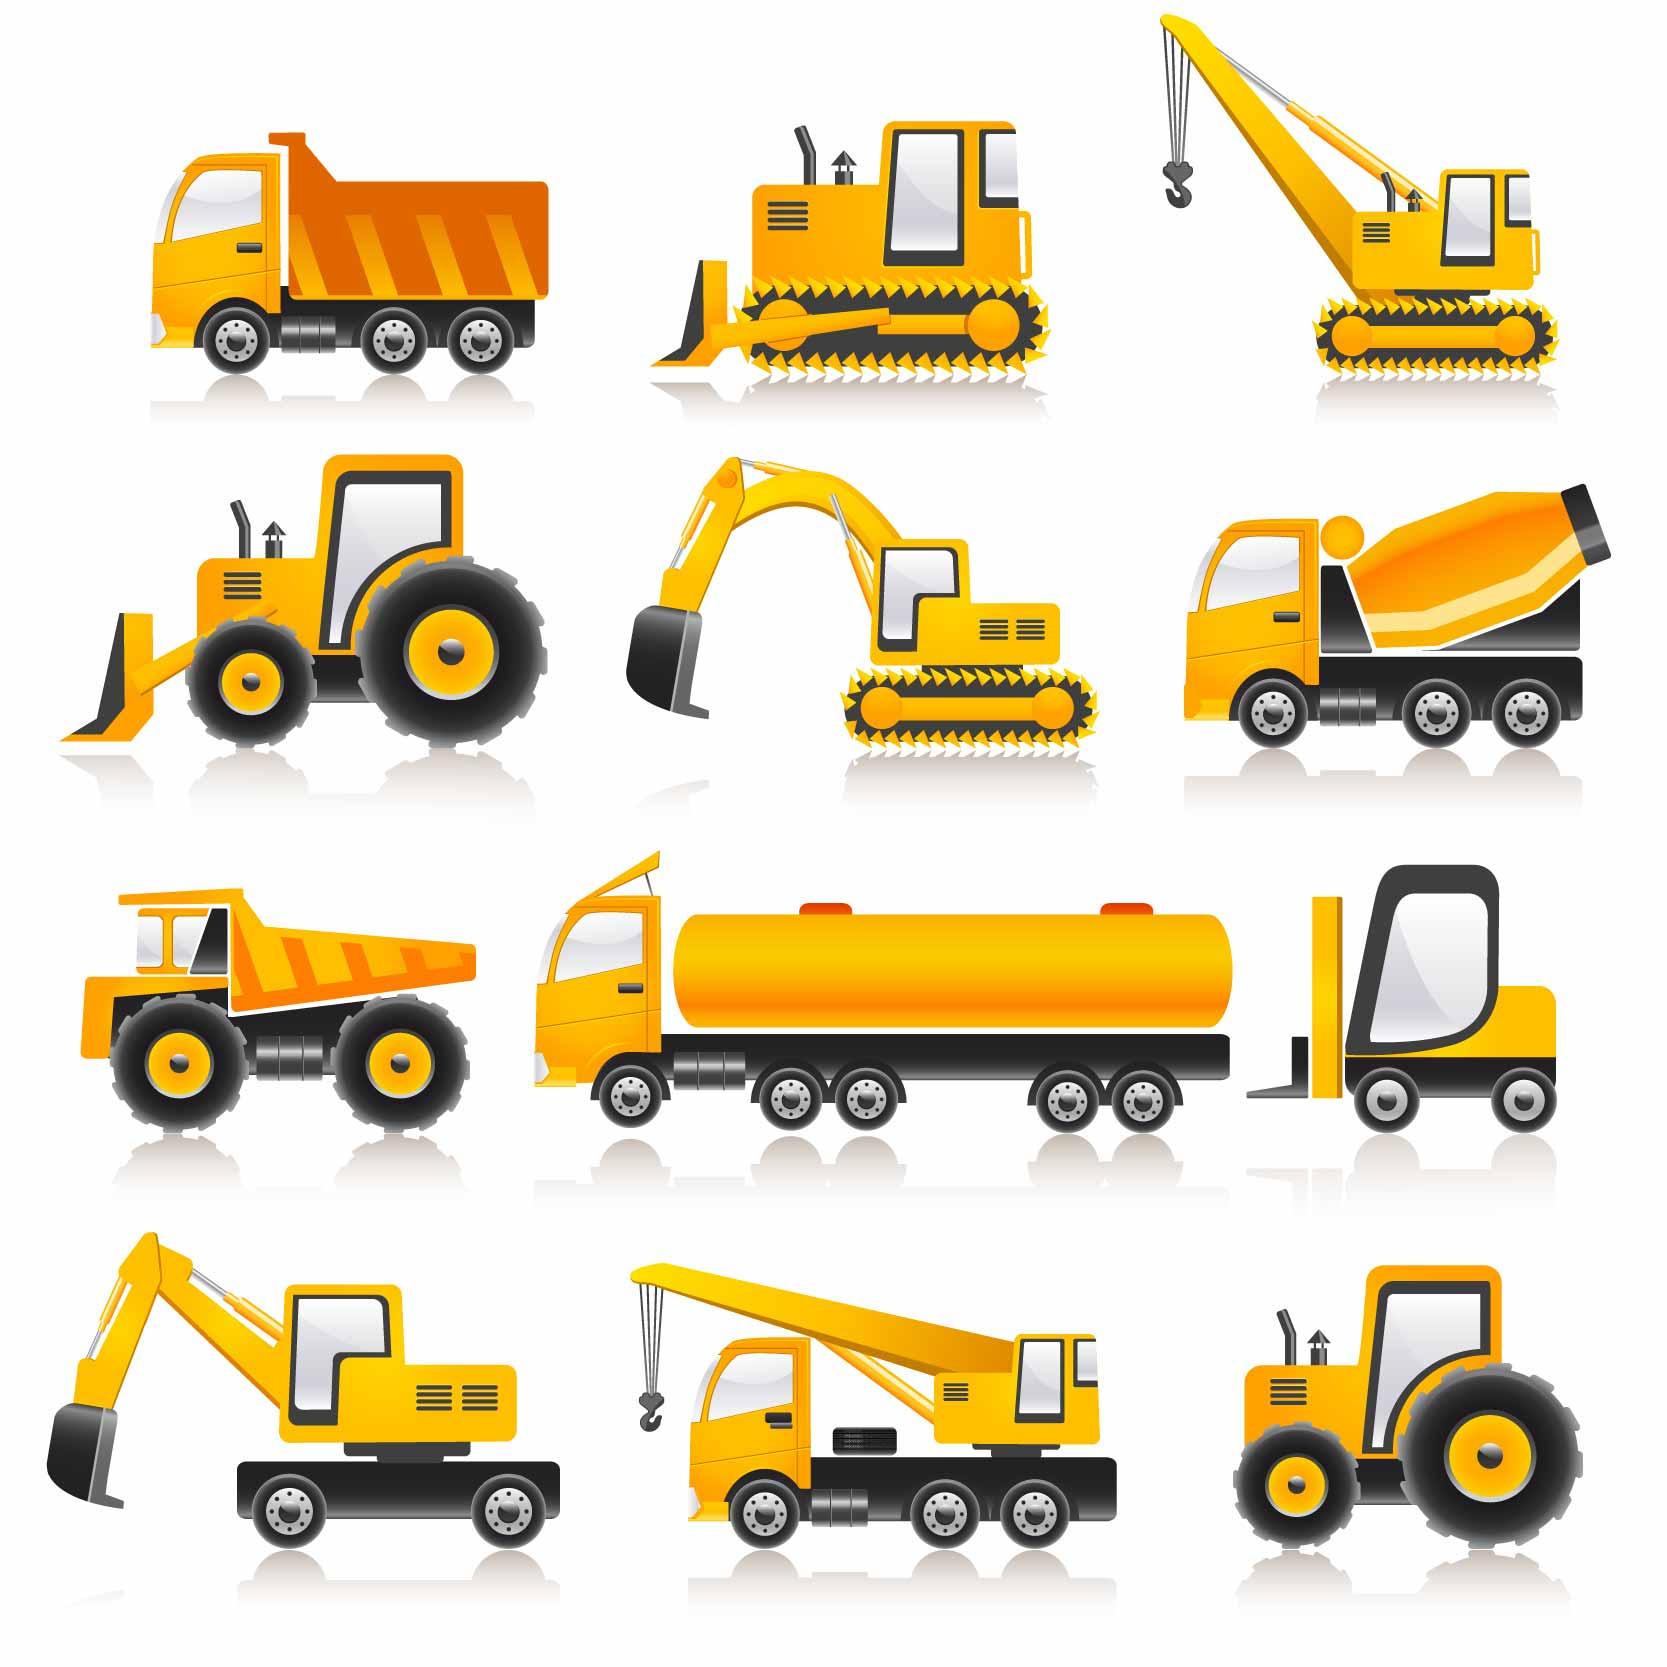 Vehiculos y transportes para la construccion EPS by GianFerdinand